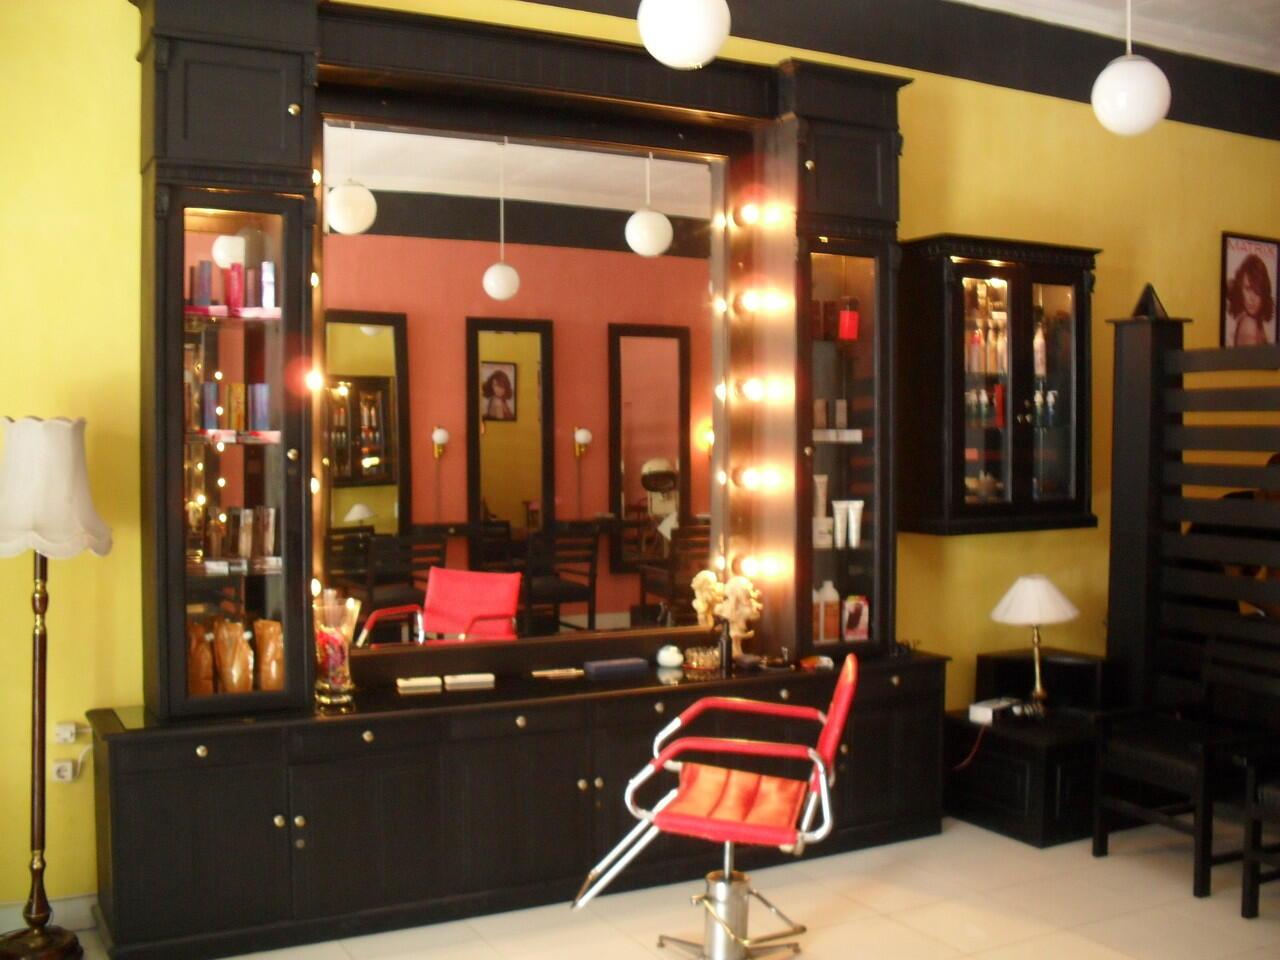 Cari investor untuk buka cabang salon kecantikan